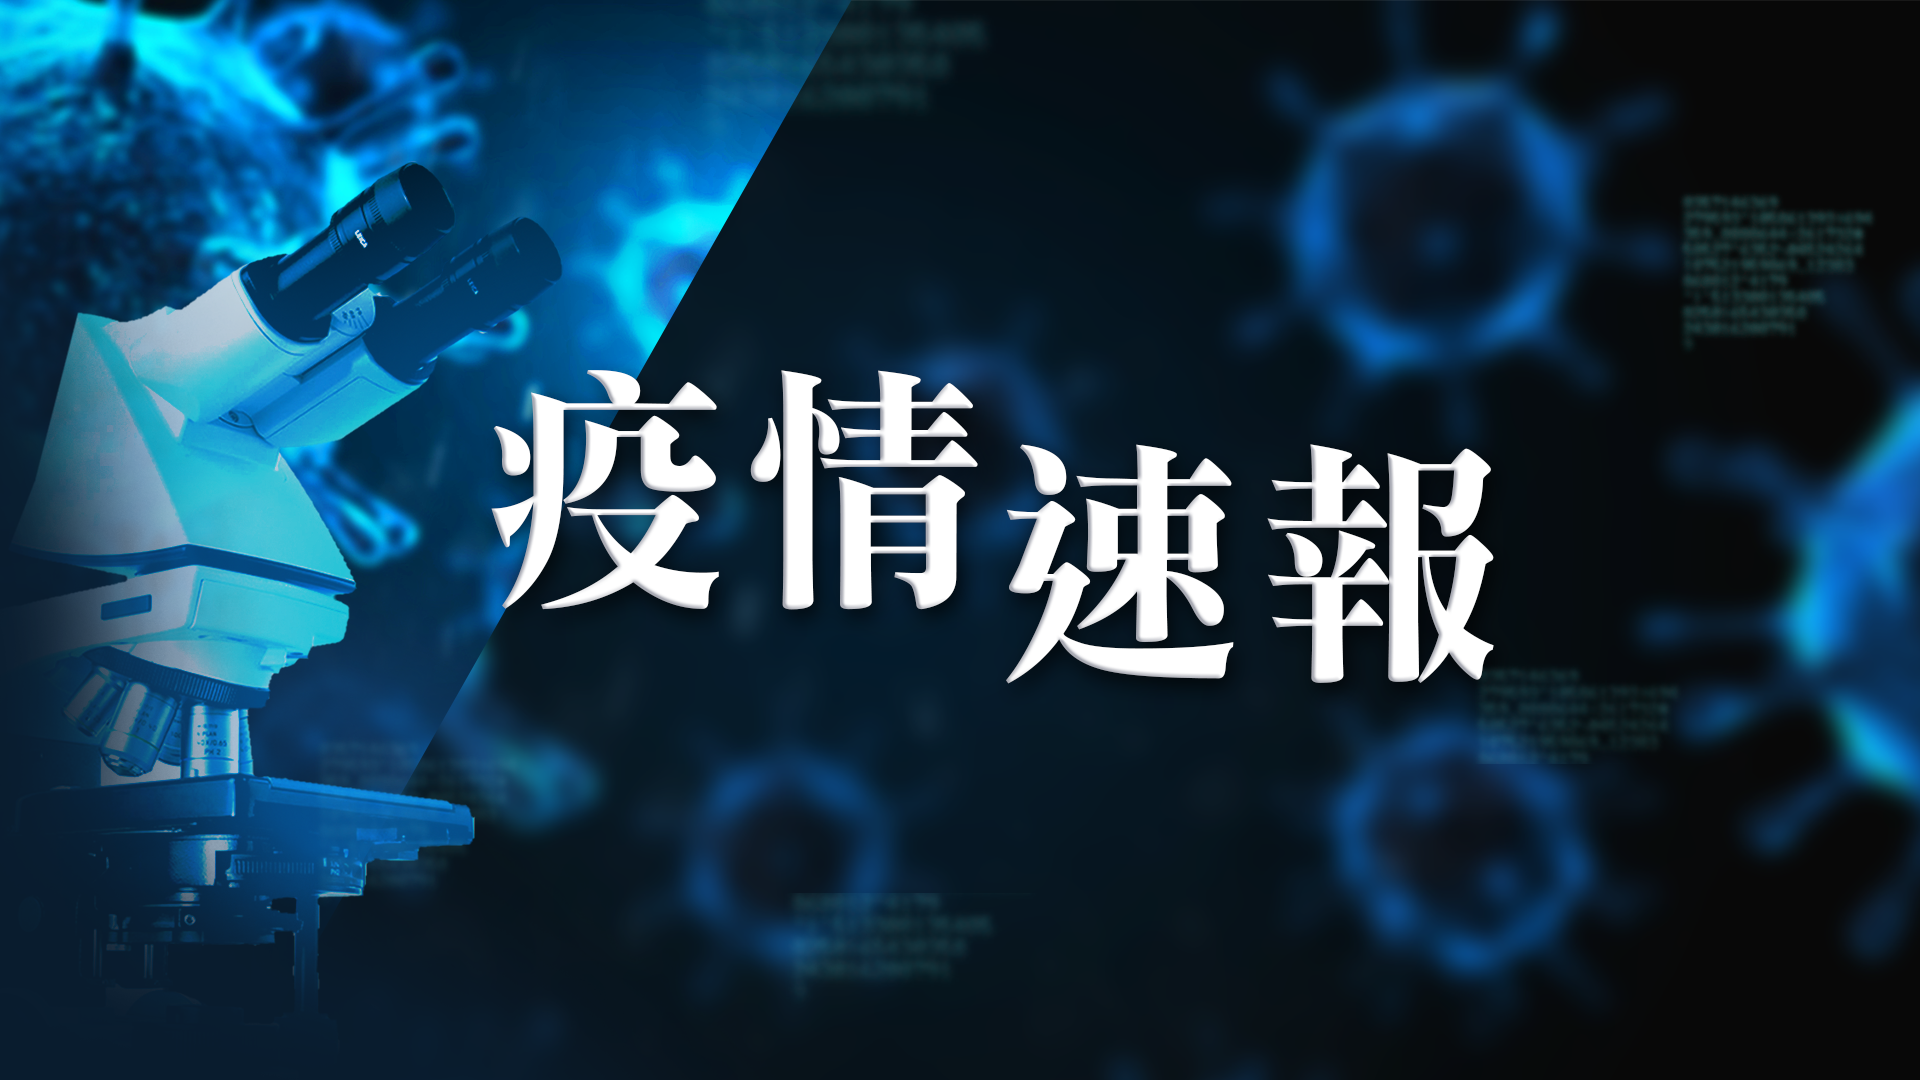 【7月7日疫情速報】(12:15)